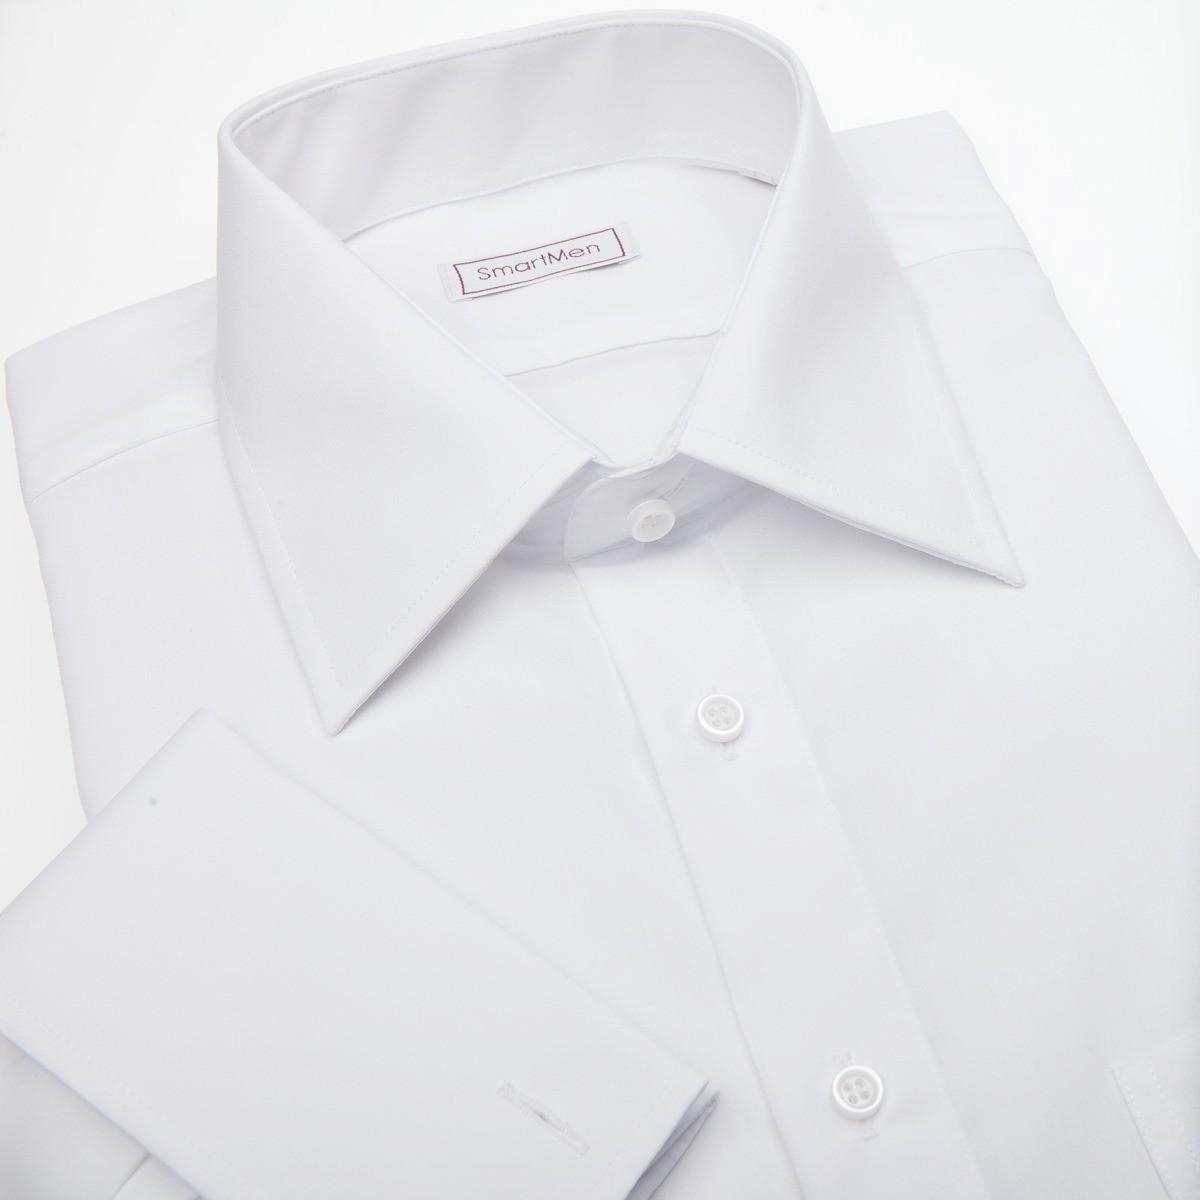 2b5cc2806cde Biela košeľa s manžetovými gombíkmi Non Iron - nežehlivá